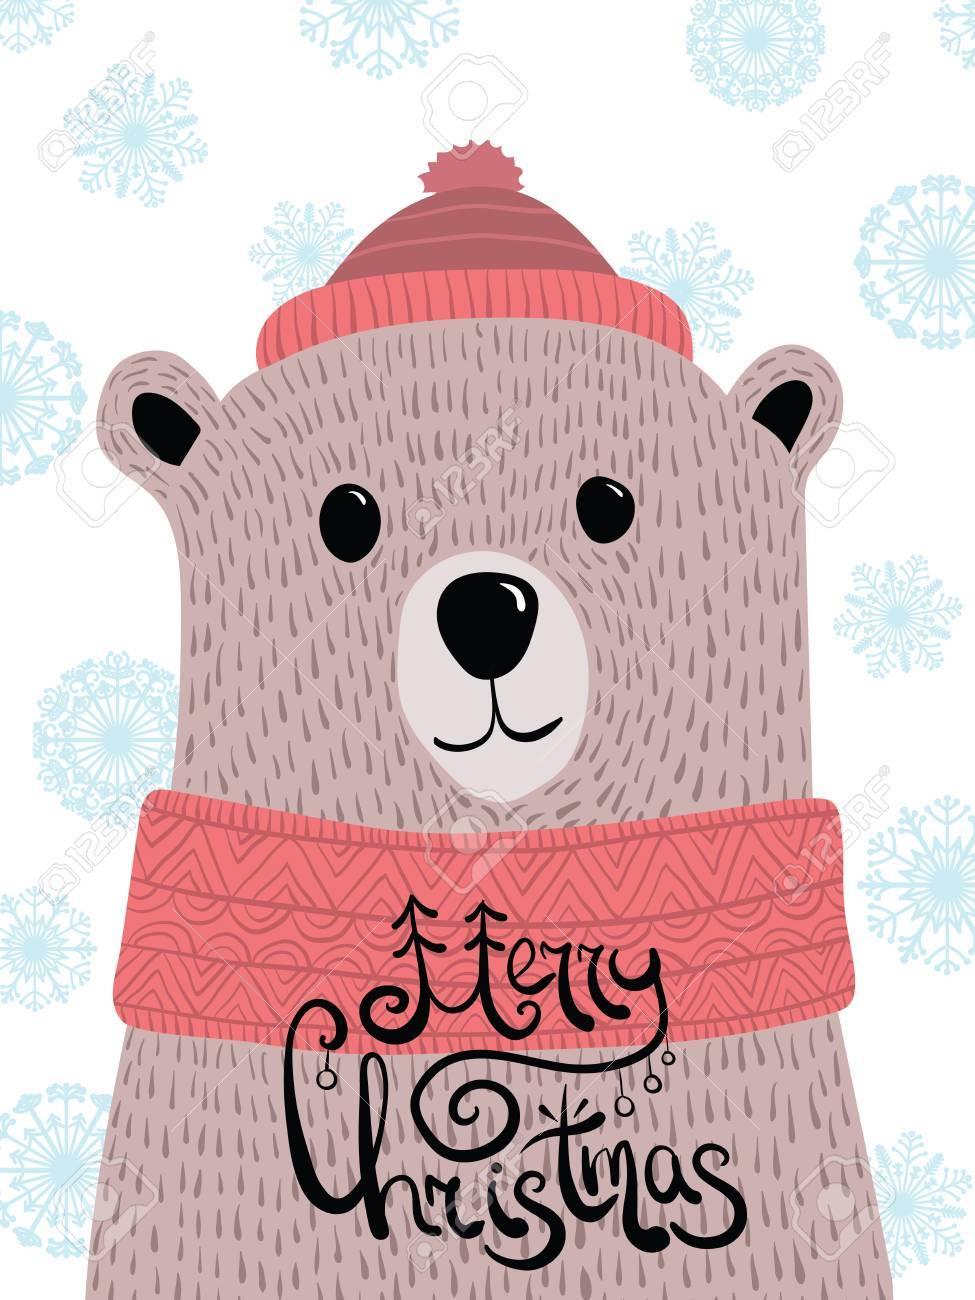 Joyeux Noel Petit Ours Brun.Vector Illustration De Noel Avec Un Portrait D Un Ours Brun Cartoon Grizzly Avec Lettrage Joyeux Noel Carte Du Nouvel An Portez Un Capuchon Et Une